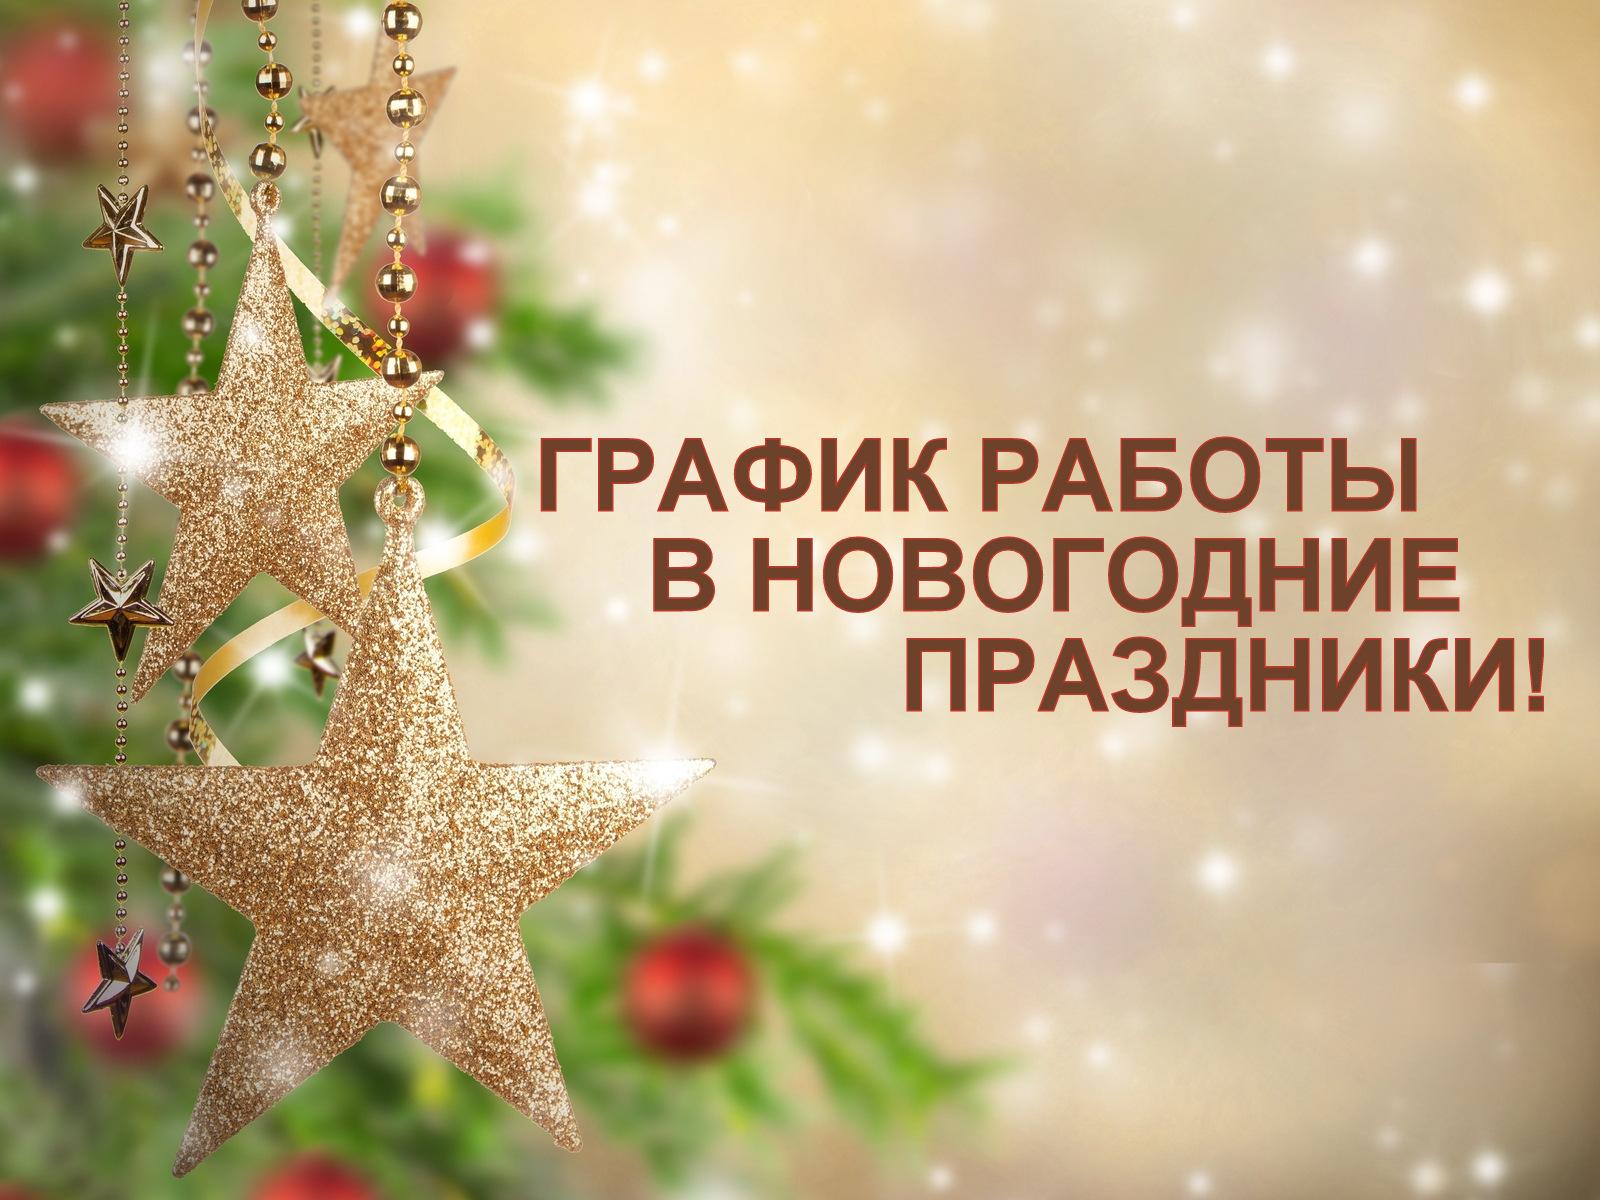 Режим работы в новогодние праздники 2018-2019